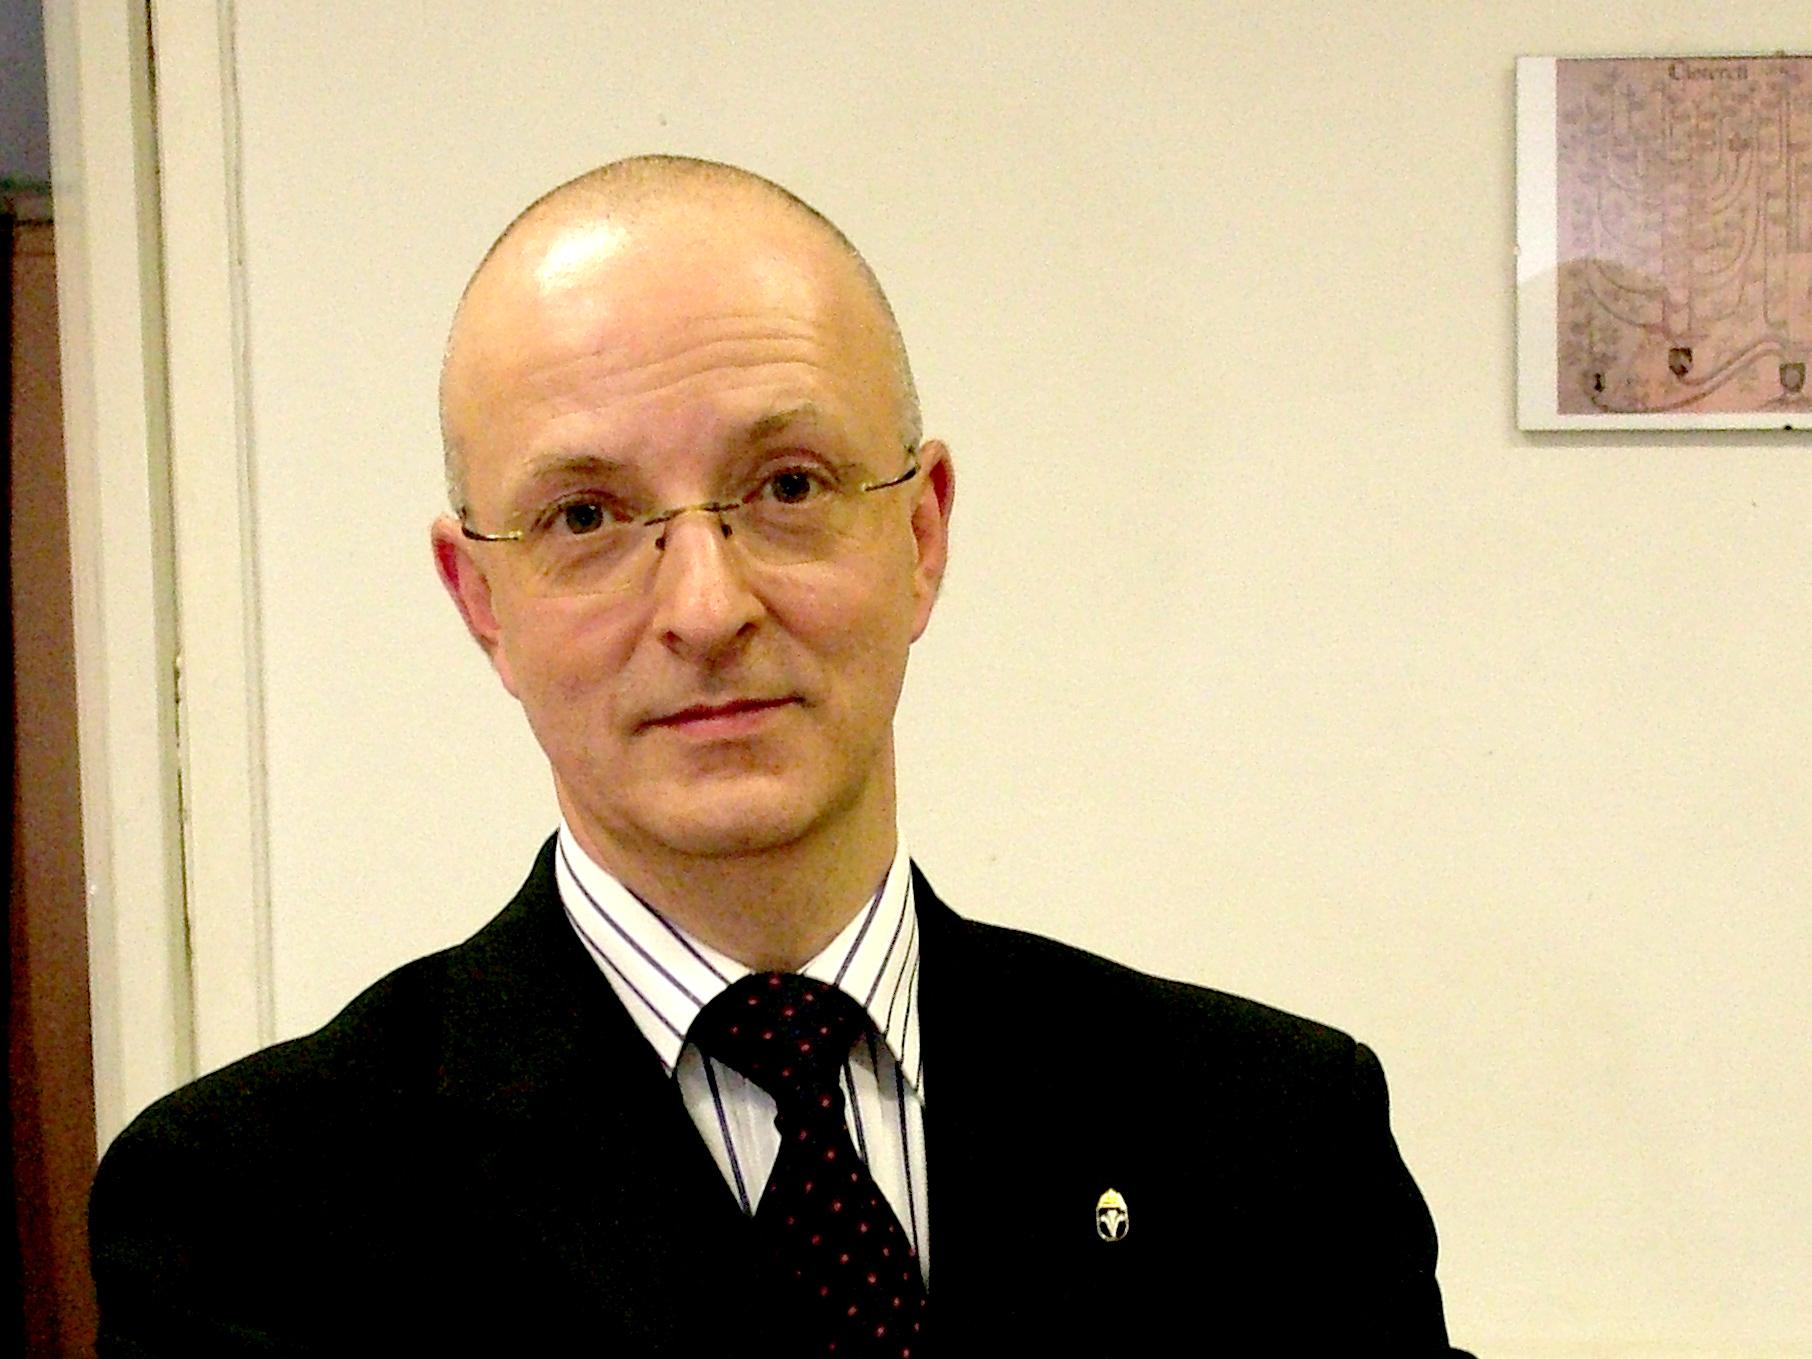 Varga Zsolt Andrást jelöli a Kúria elnökének Áder János